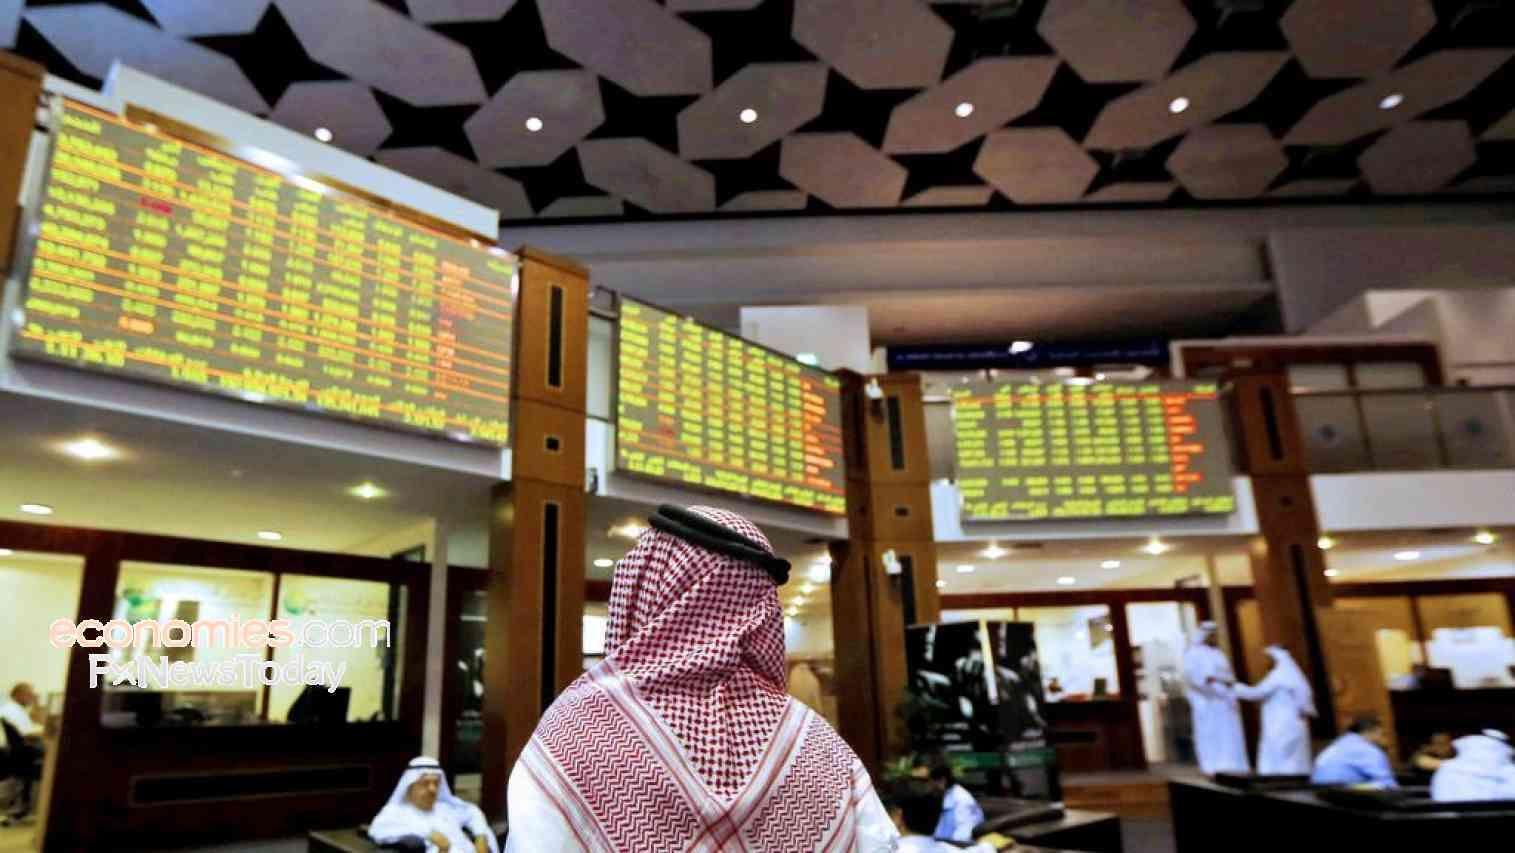 أسهم البنوك تنال من بورصتي دبي و السعودية وسط خسائر لمعظم أسواق الخليج